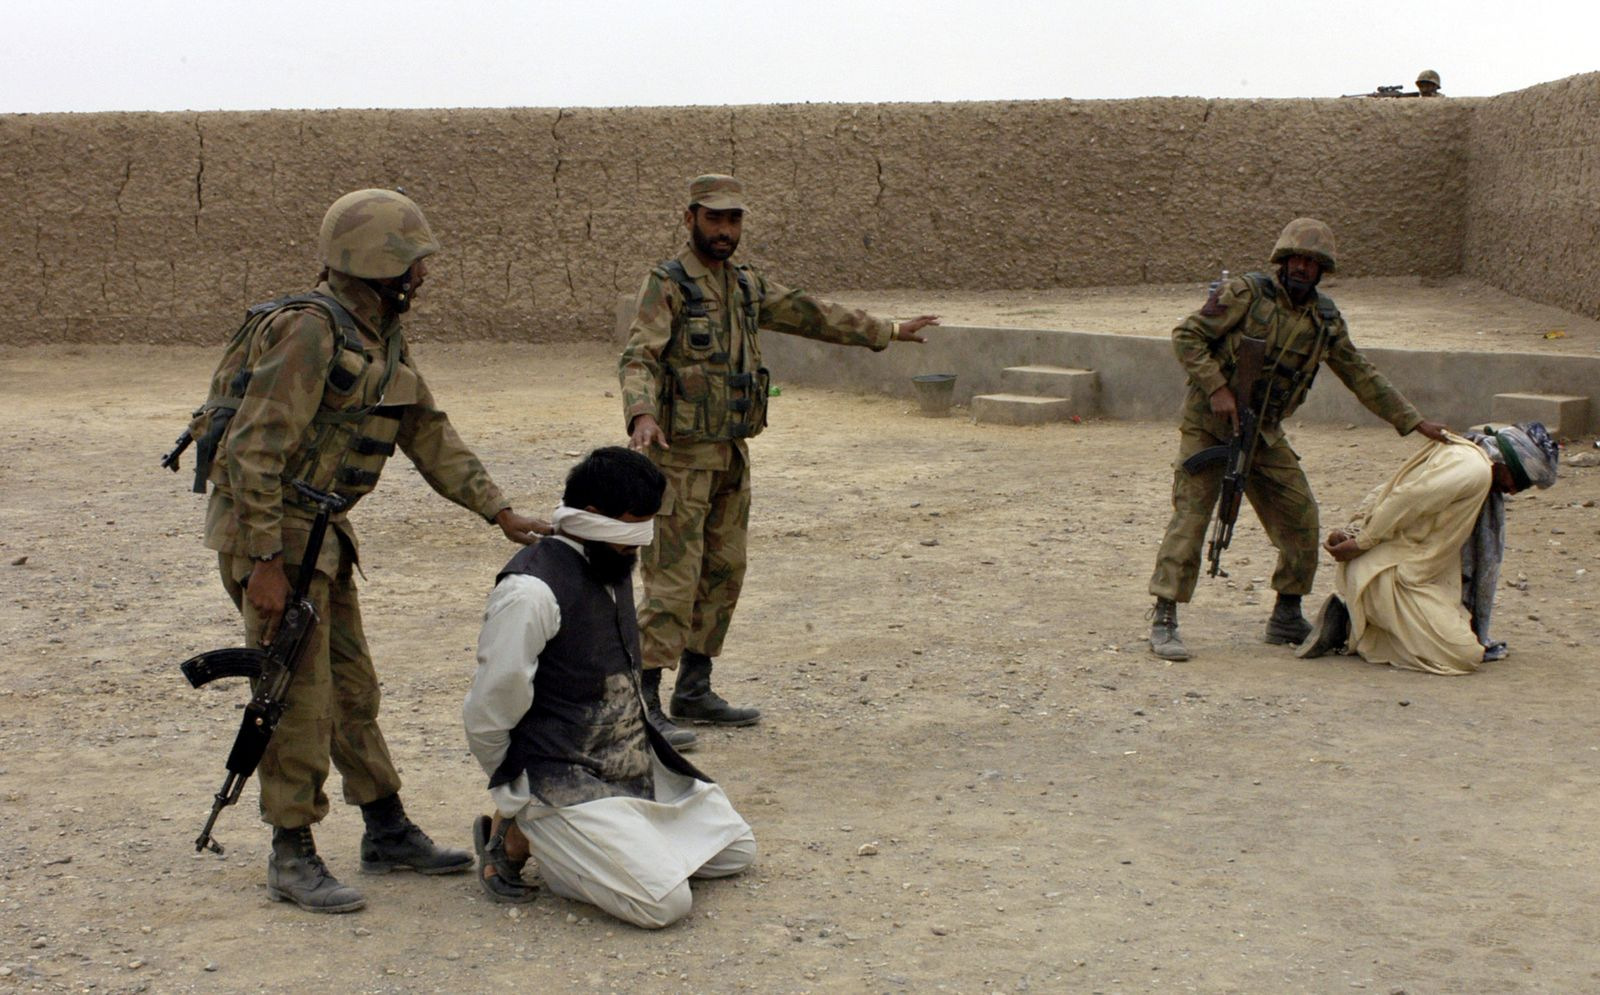 Pakistan / Waziristan